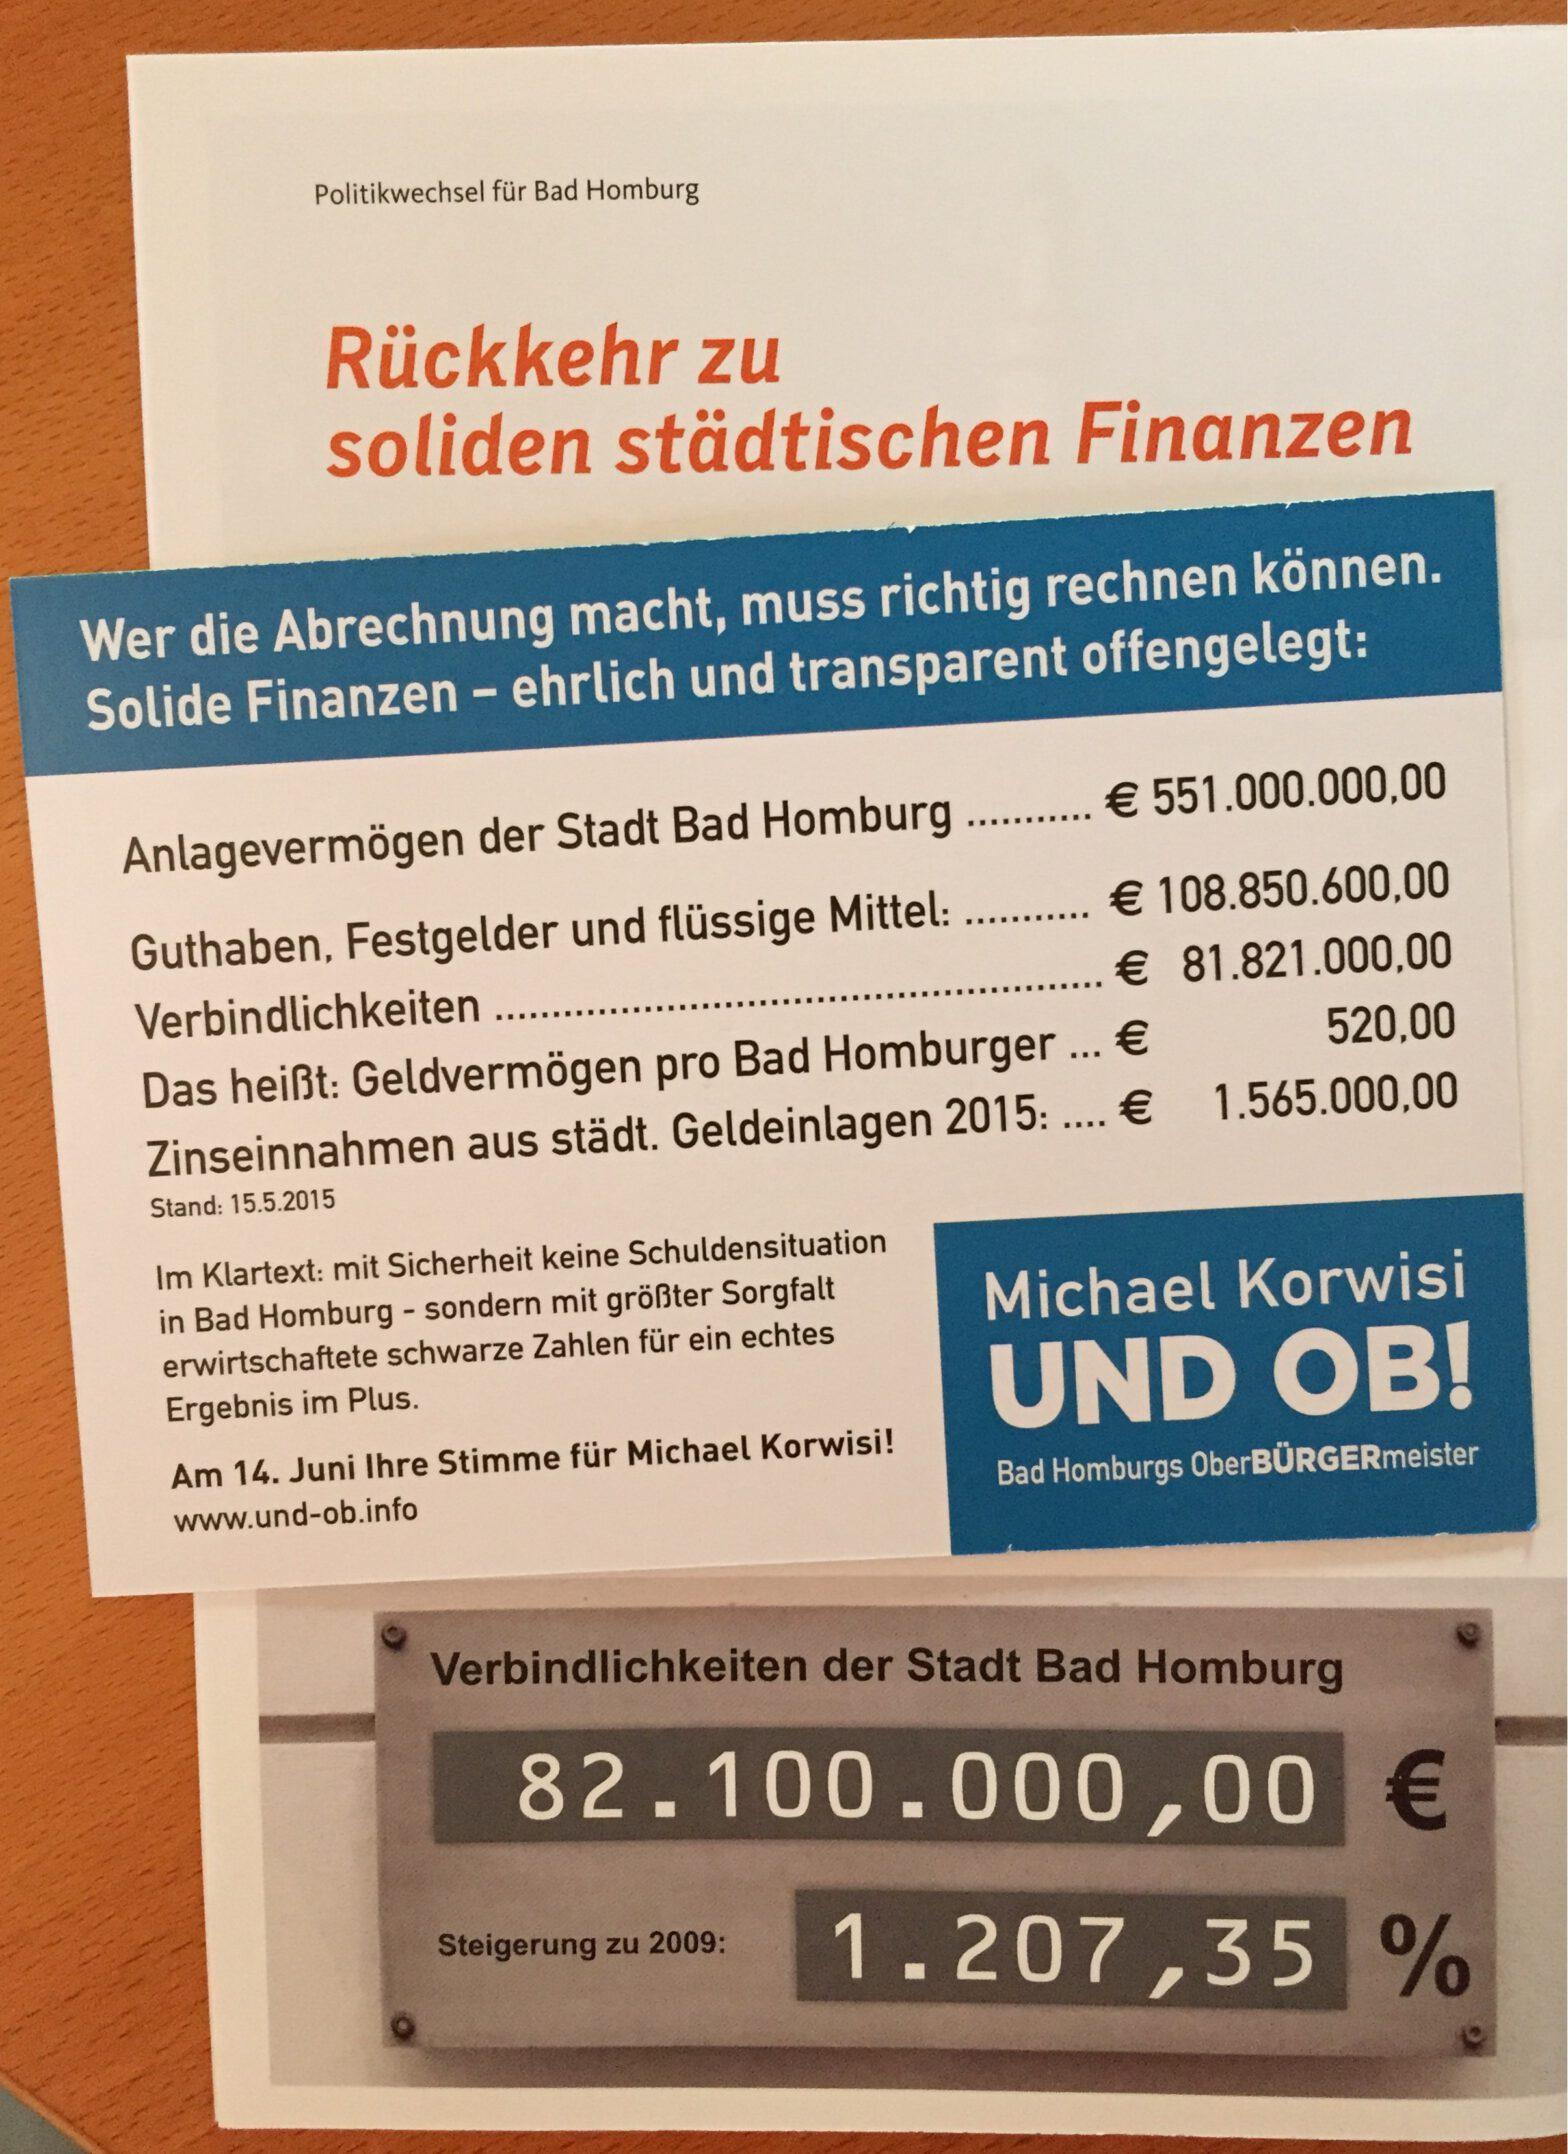 Foto: Wahlkampfunterlagen Korwisi (Postkarte im Vordergrund) / Hetjes (Broschüre im Hintergrund) zur Oberbürgermeisterwahl 2015.